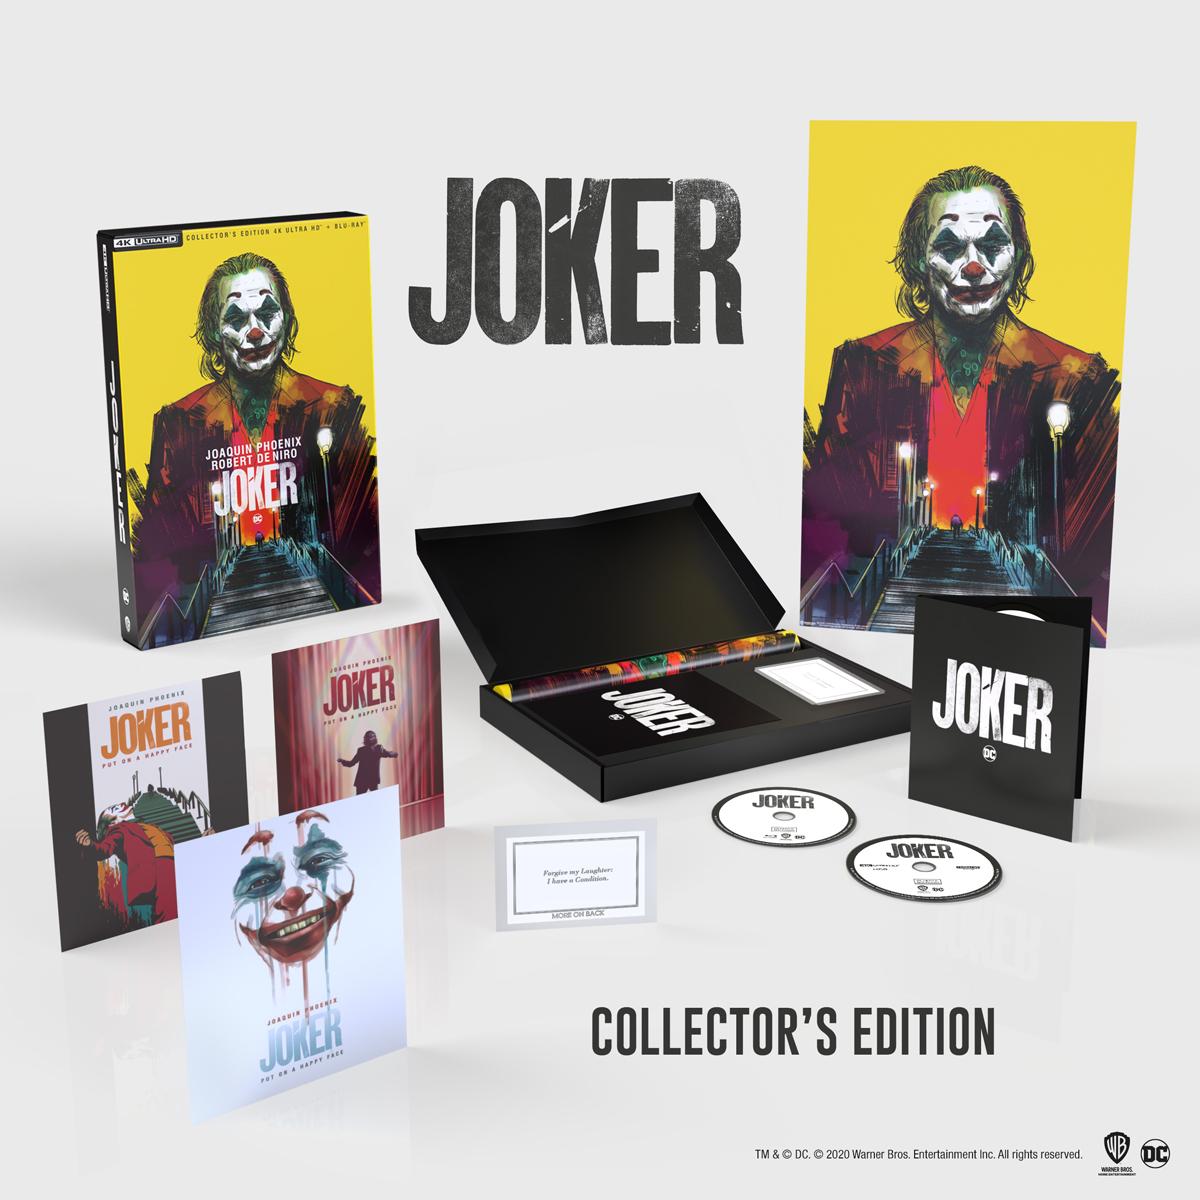 Dal 9 dicembre 'Joker Collector's Edition' esclusivo cofanetto in edizione limitata